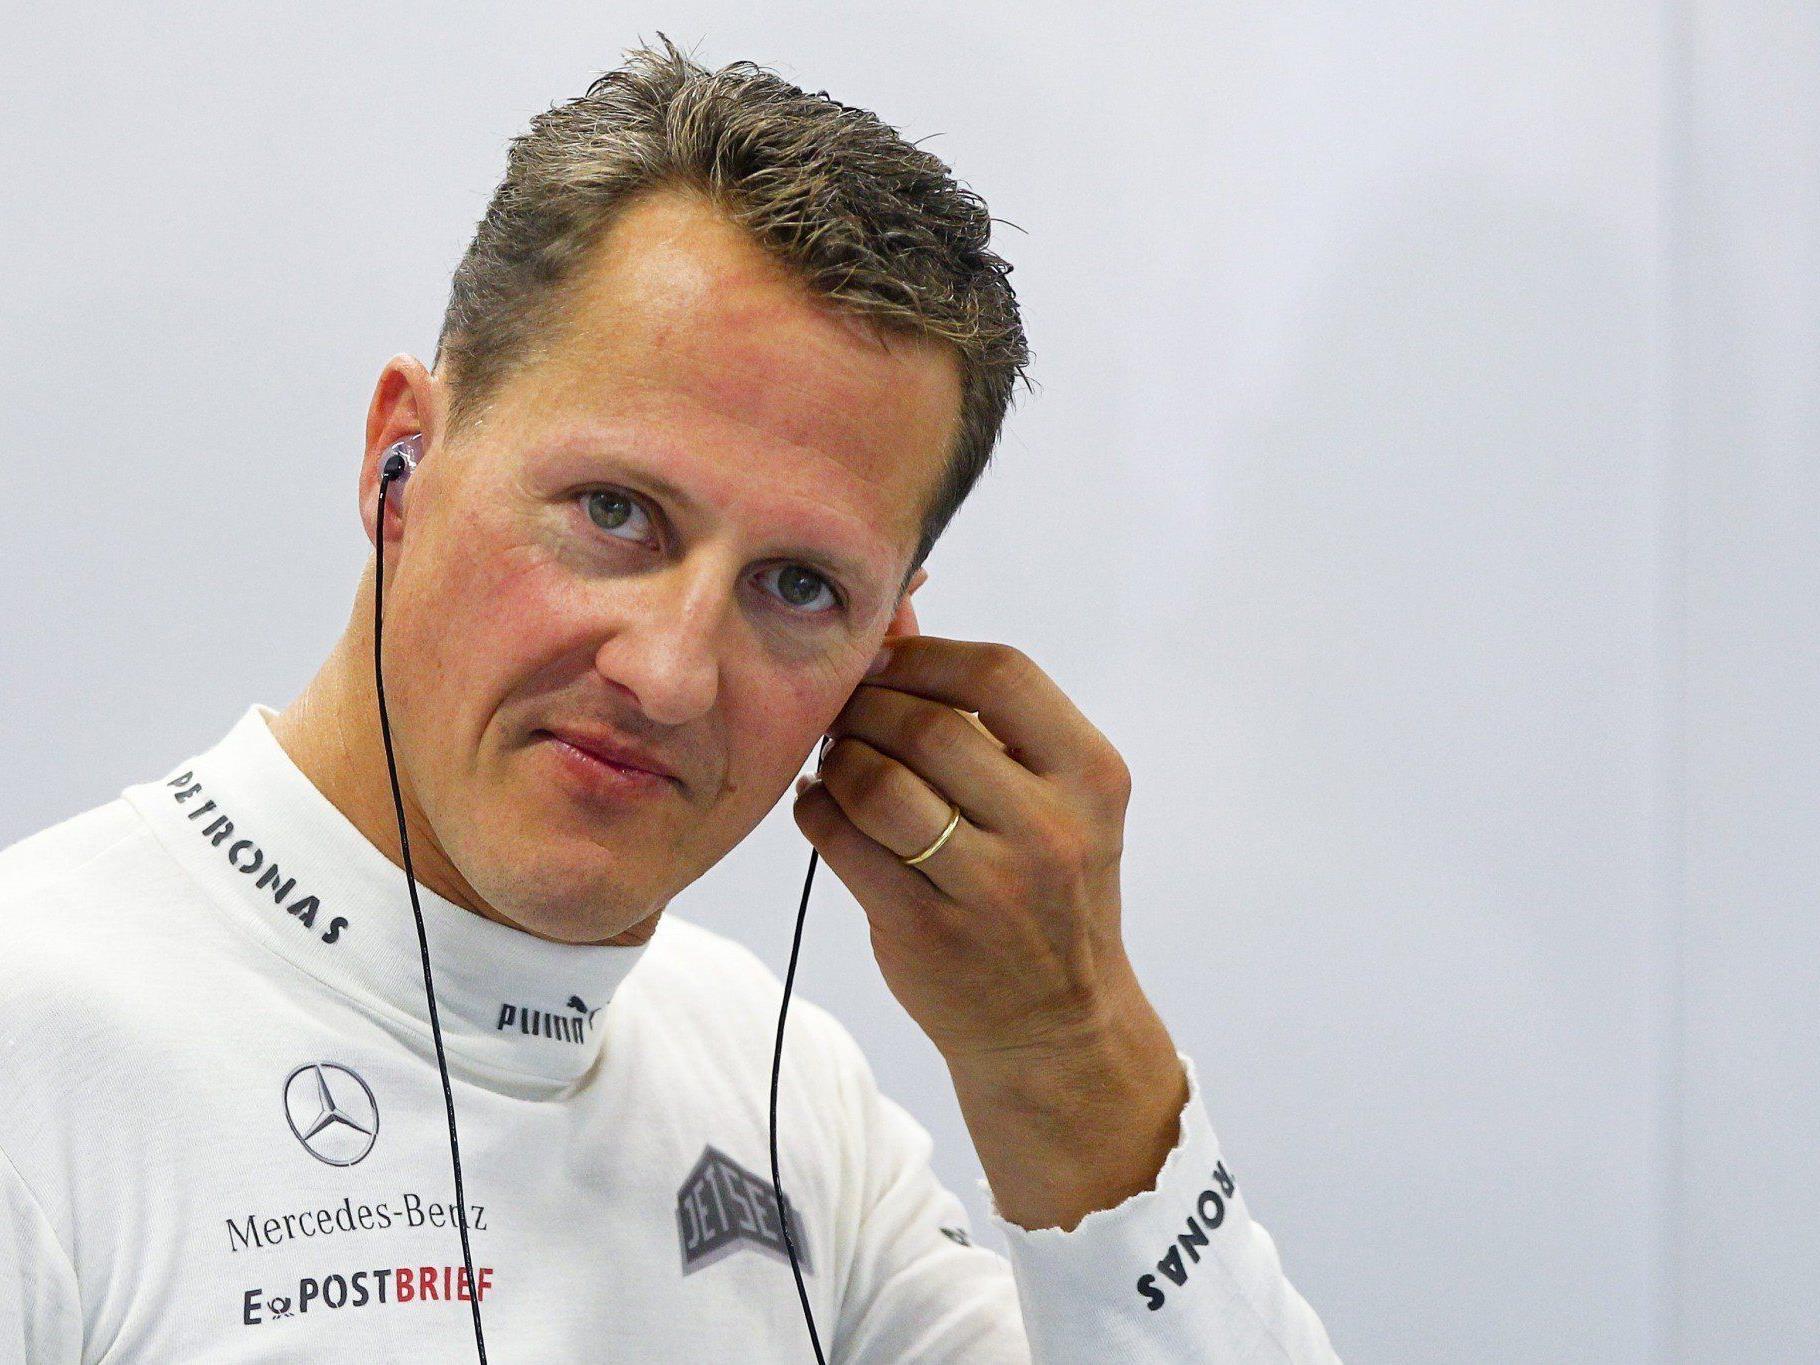 Die Spekulationen um Schumachers Gesundheitszustand wollen nicht abreißen, Ärzte, Krankenhaus und Management hüllen sich in Schweigen.